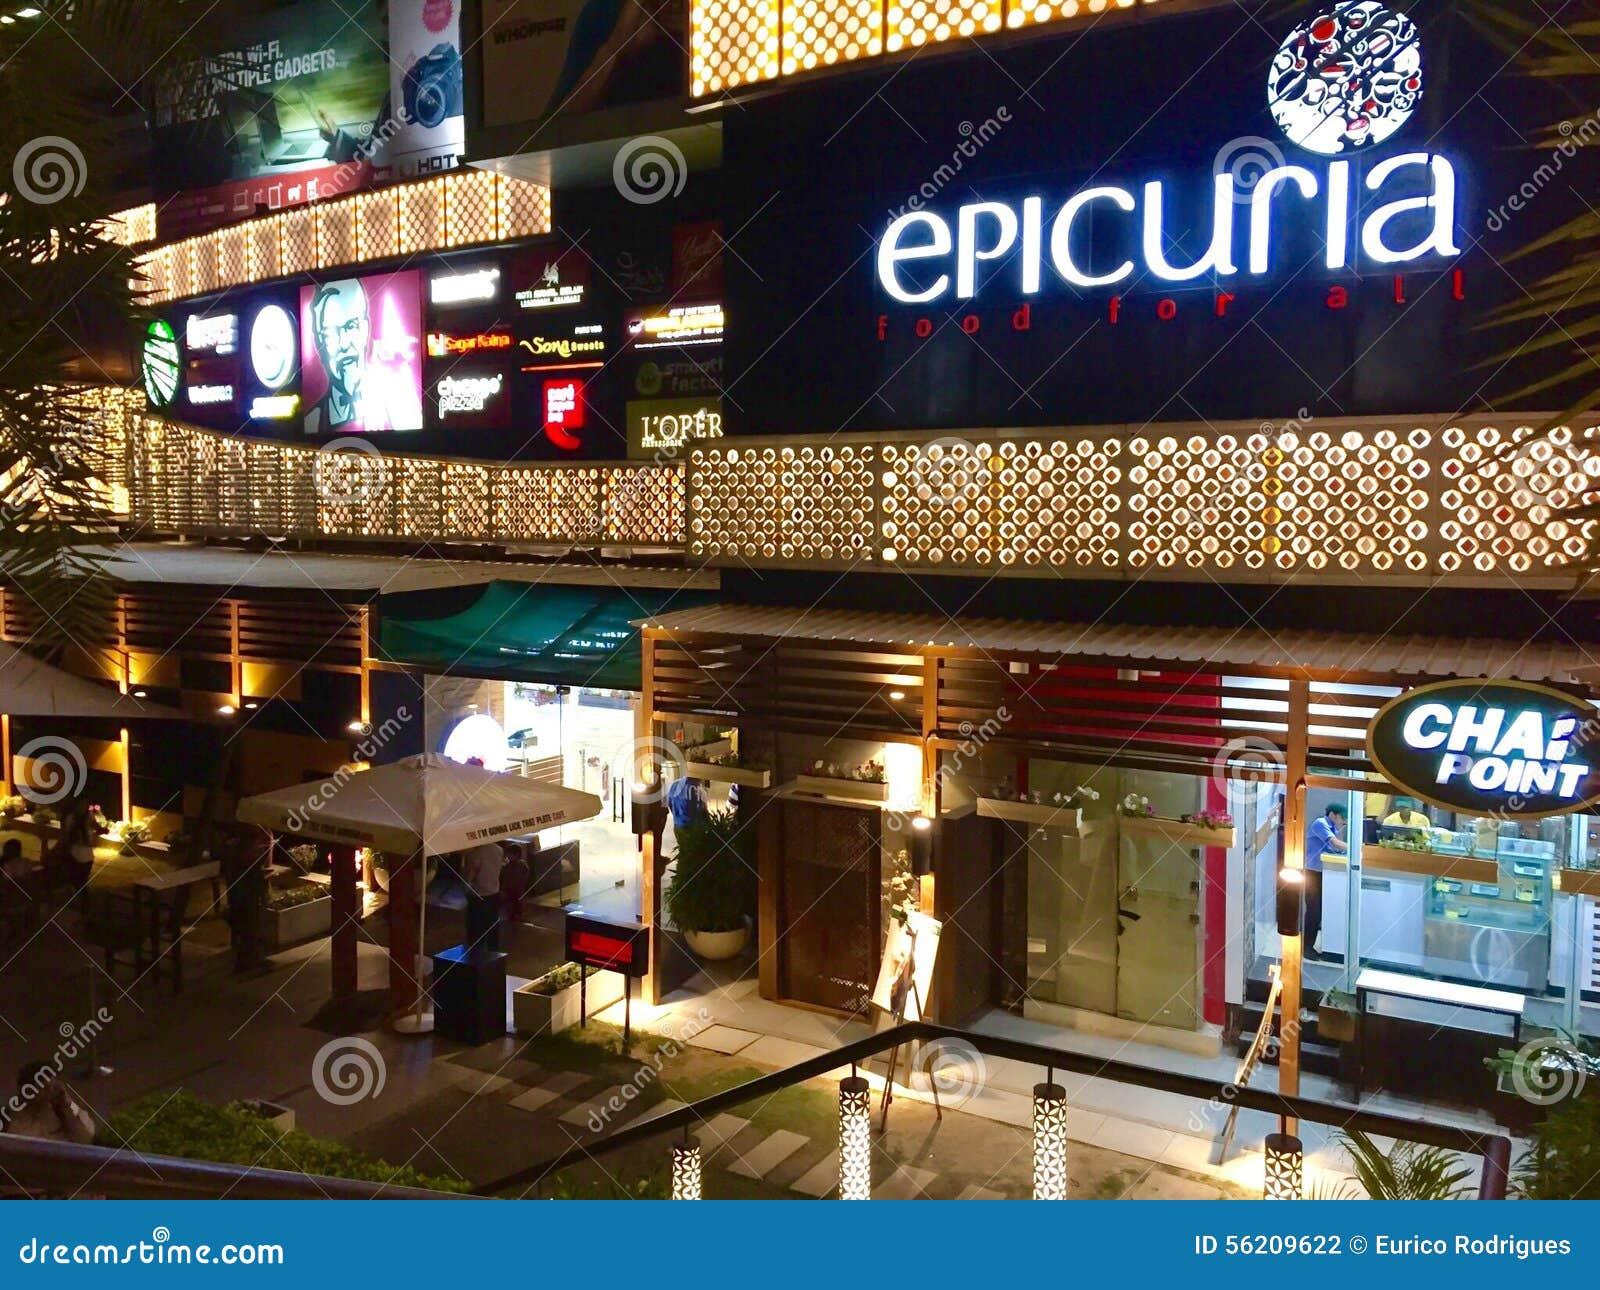 Epicuria Food Mall - New Delhi